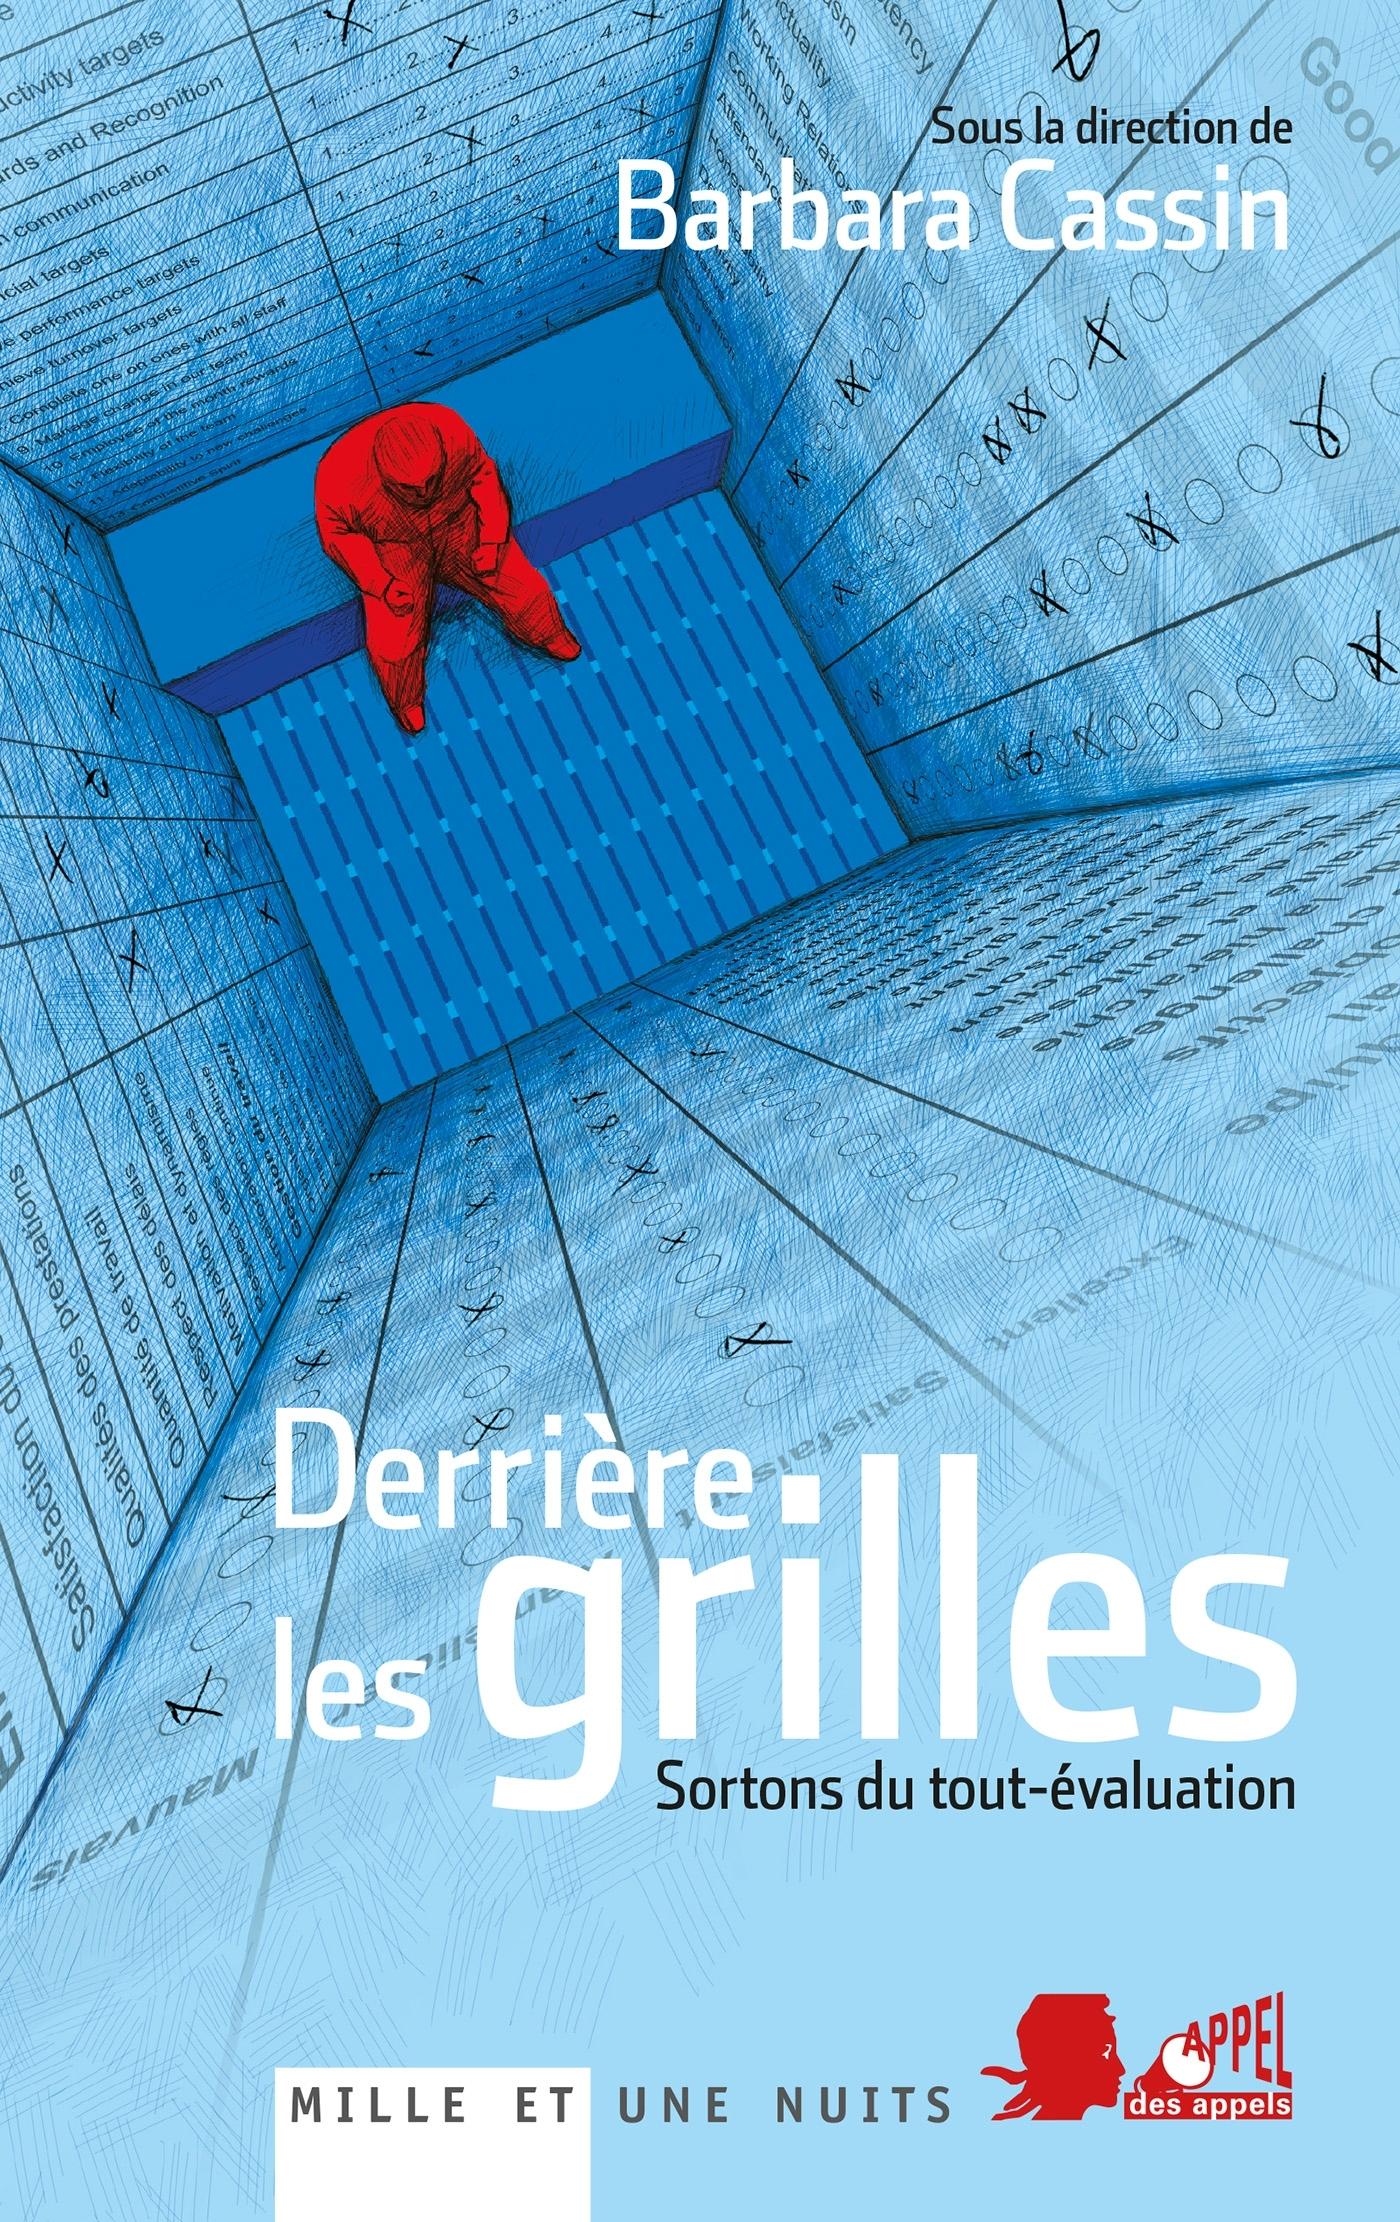 DERRIERE LES GRILLES - SORTONS DU TOUT-EVALUATION